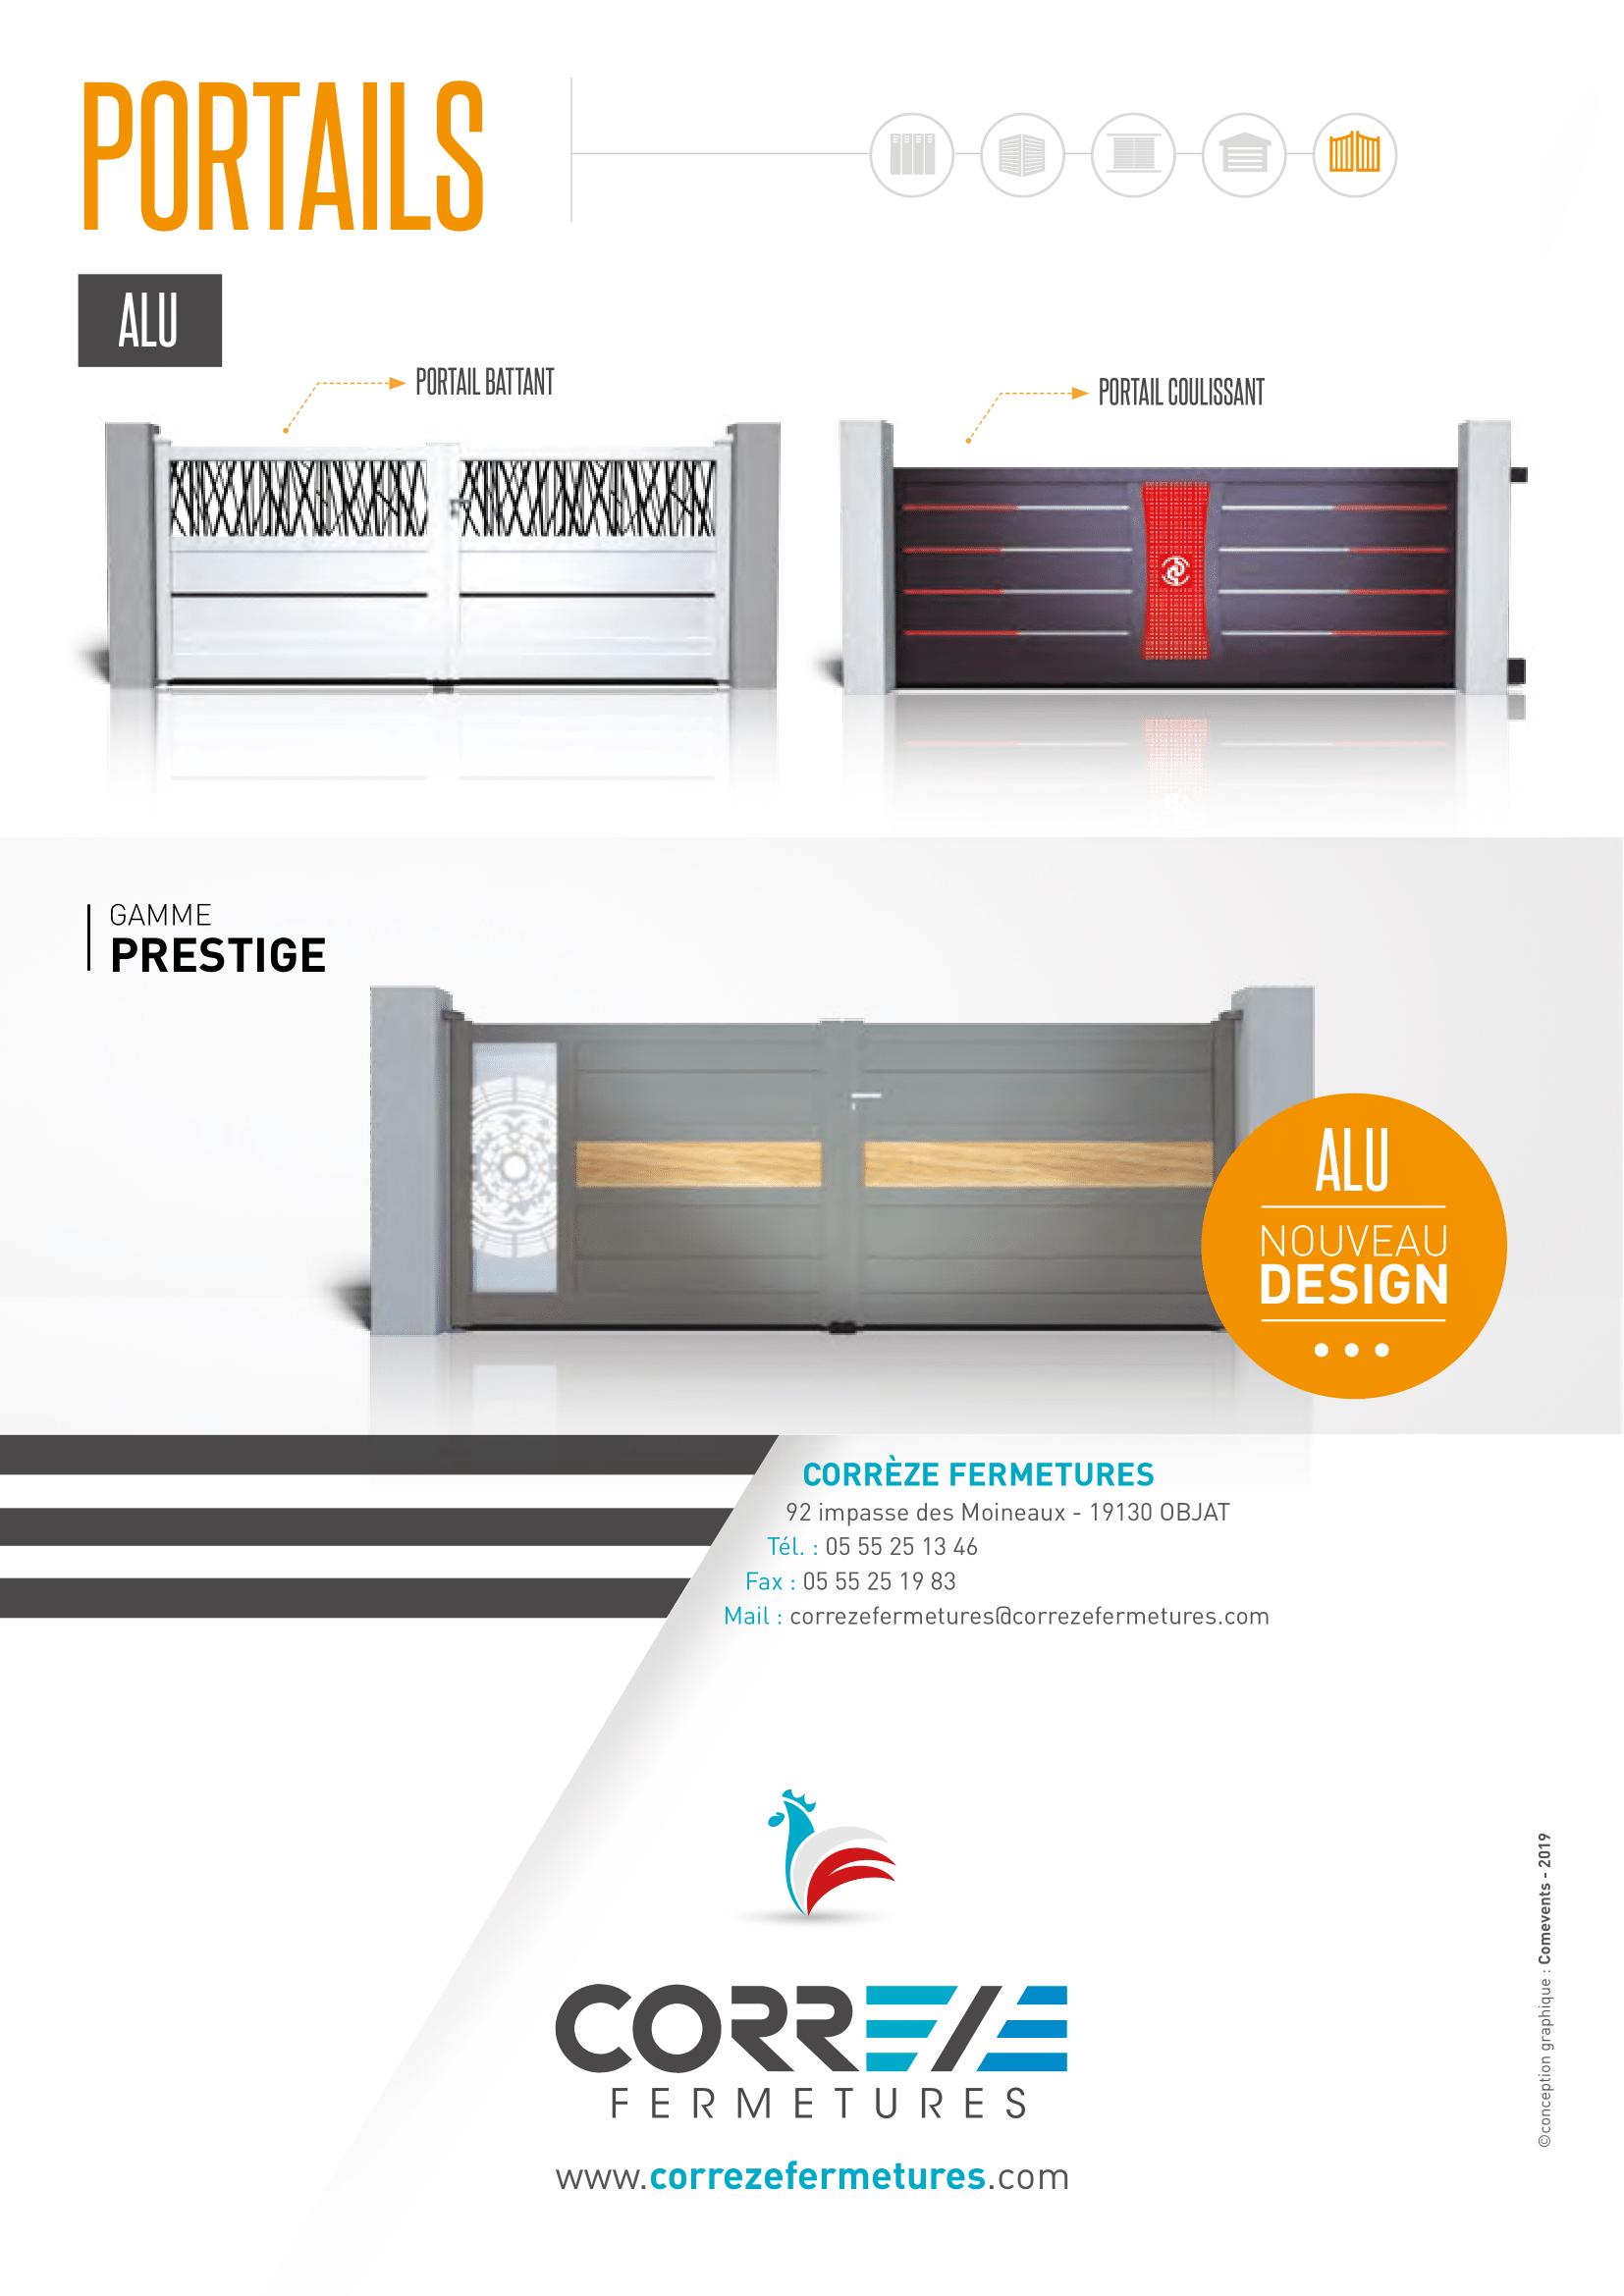 Réalisation Comevents - Corrèze Fermetures - Plaquette Salon Batimat 2019 - Page interieure deux